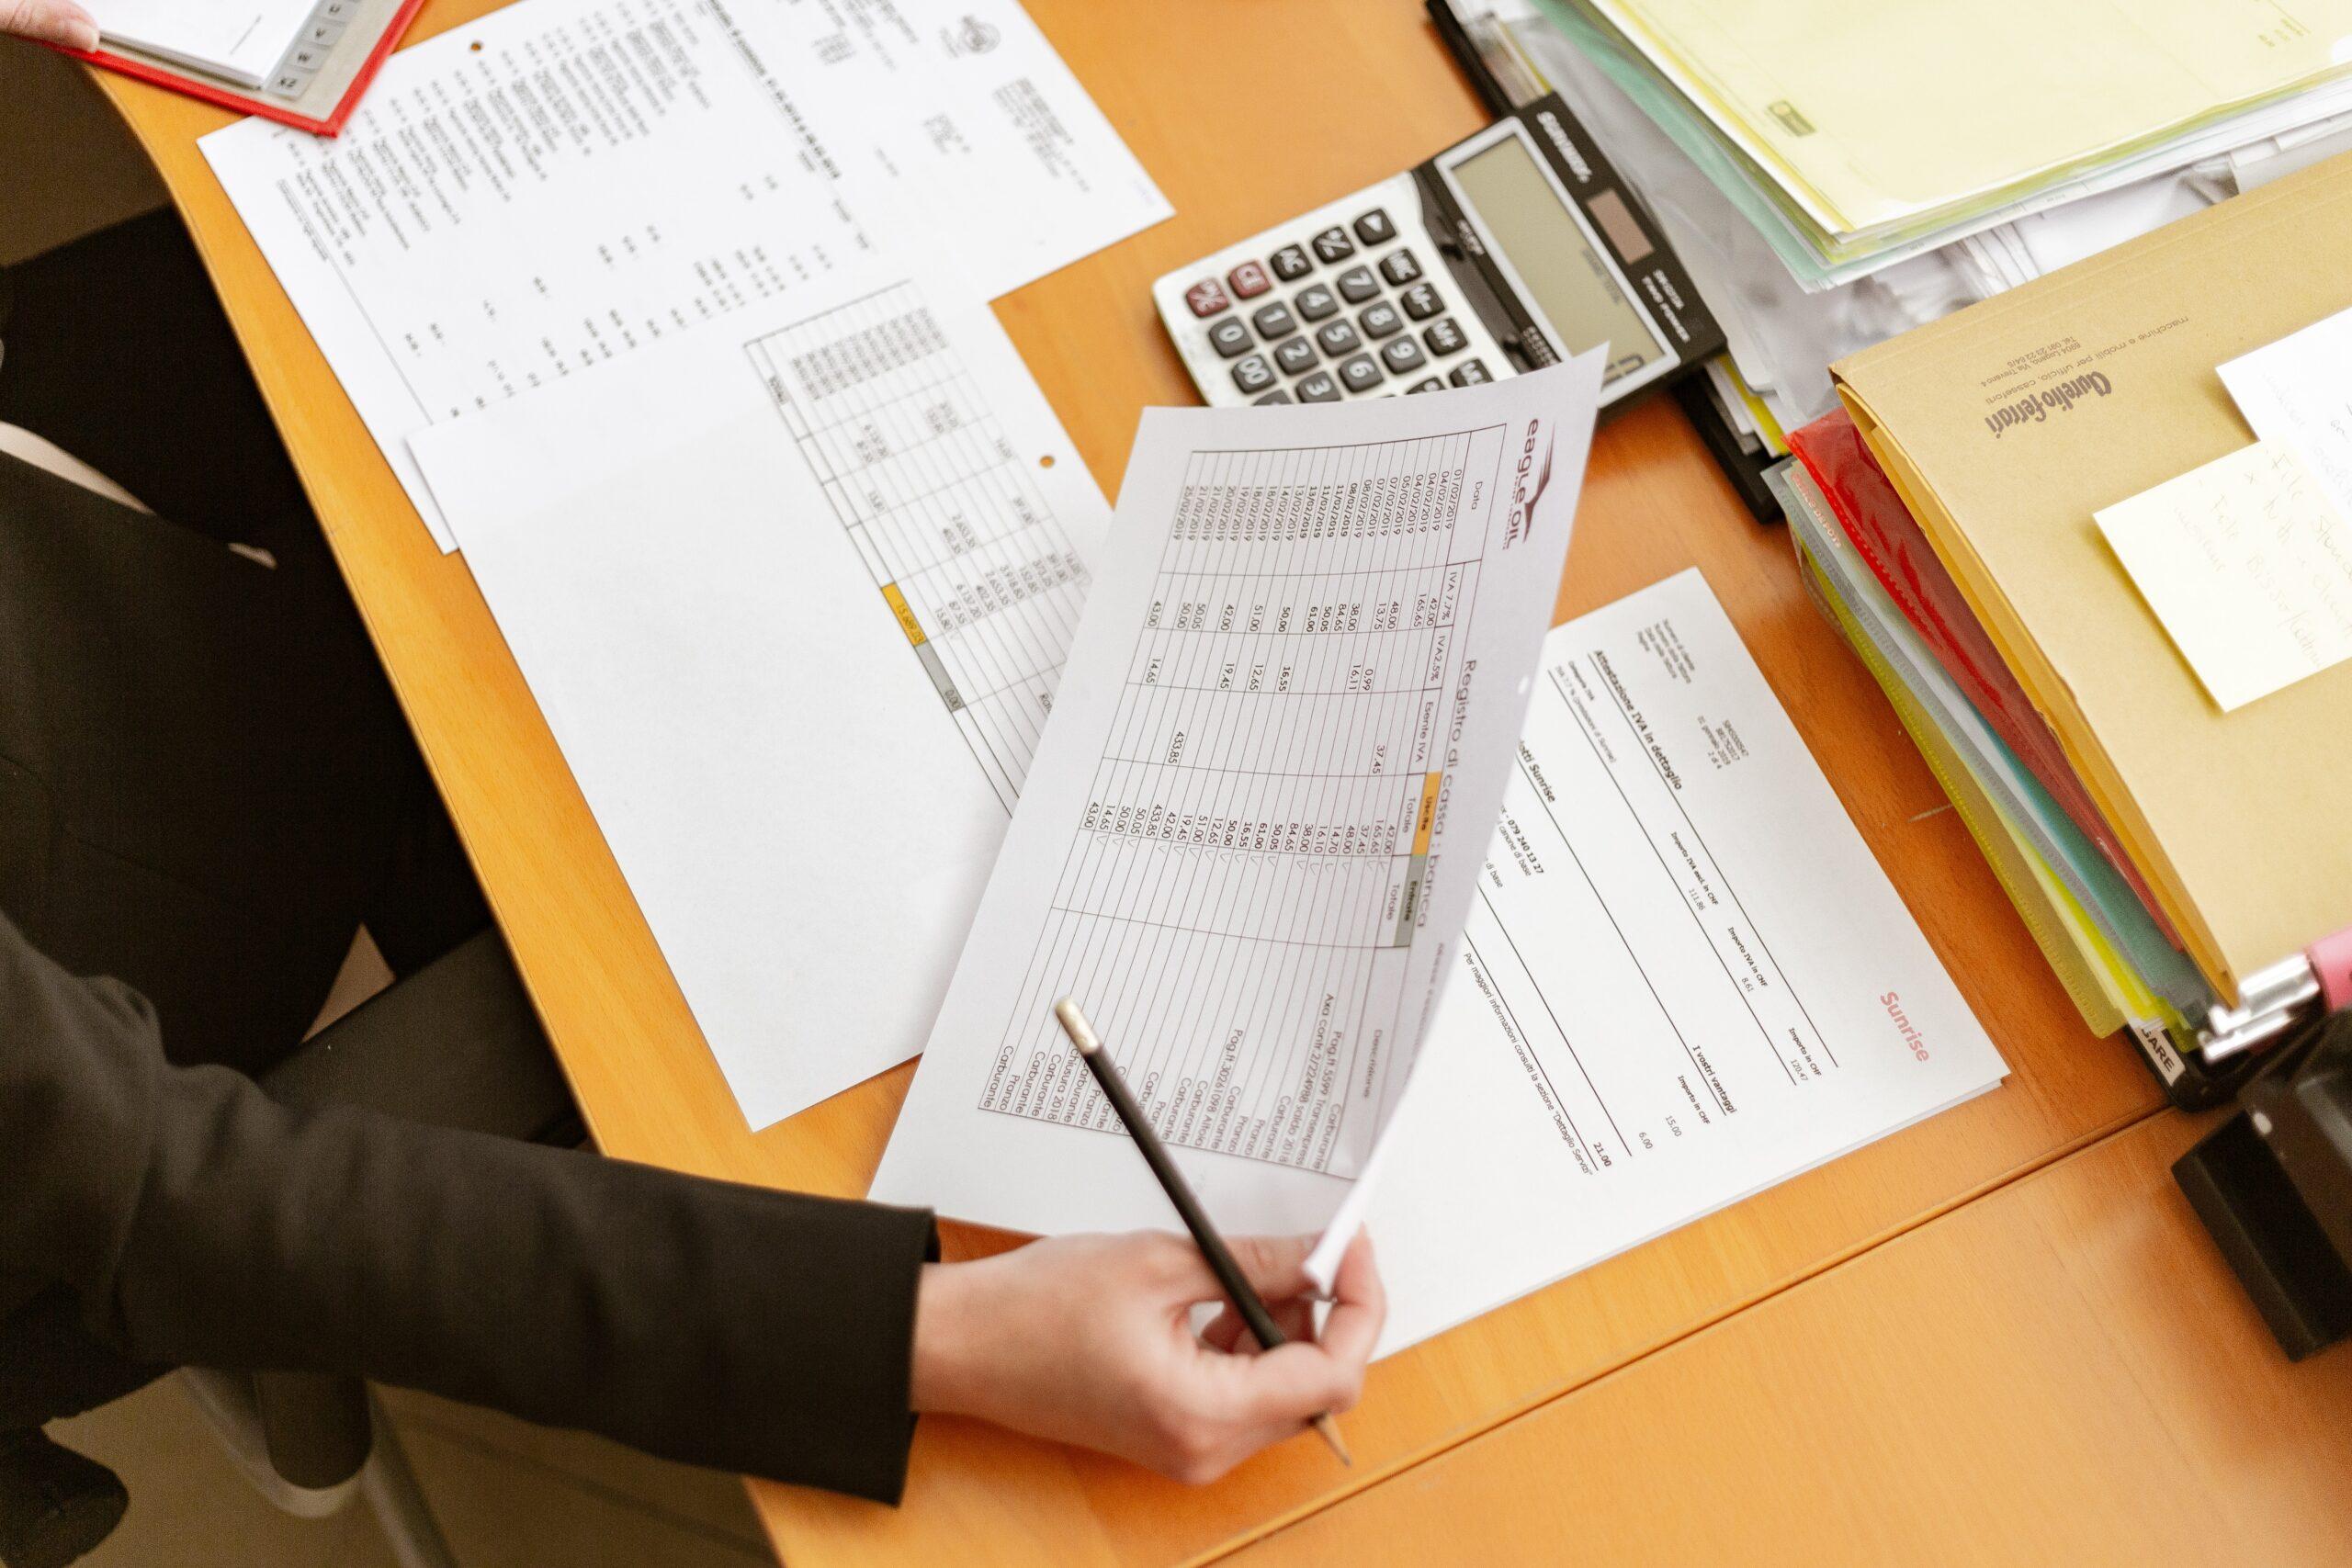 Адвокат по статье 172.1 УК РФ Фальсификация финансовых документов в Москве и РФ, стоимость услуг адвоката